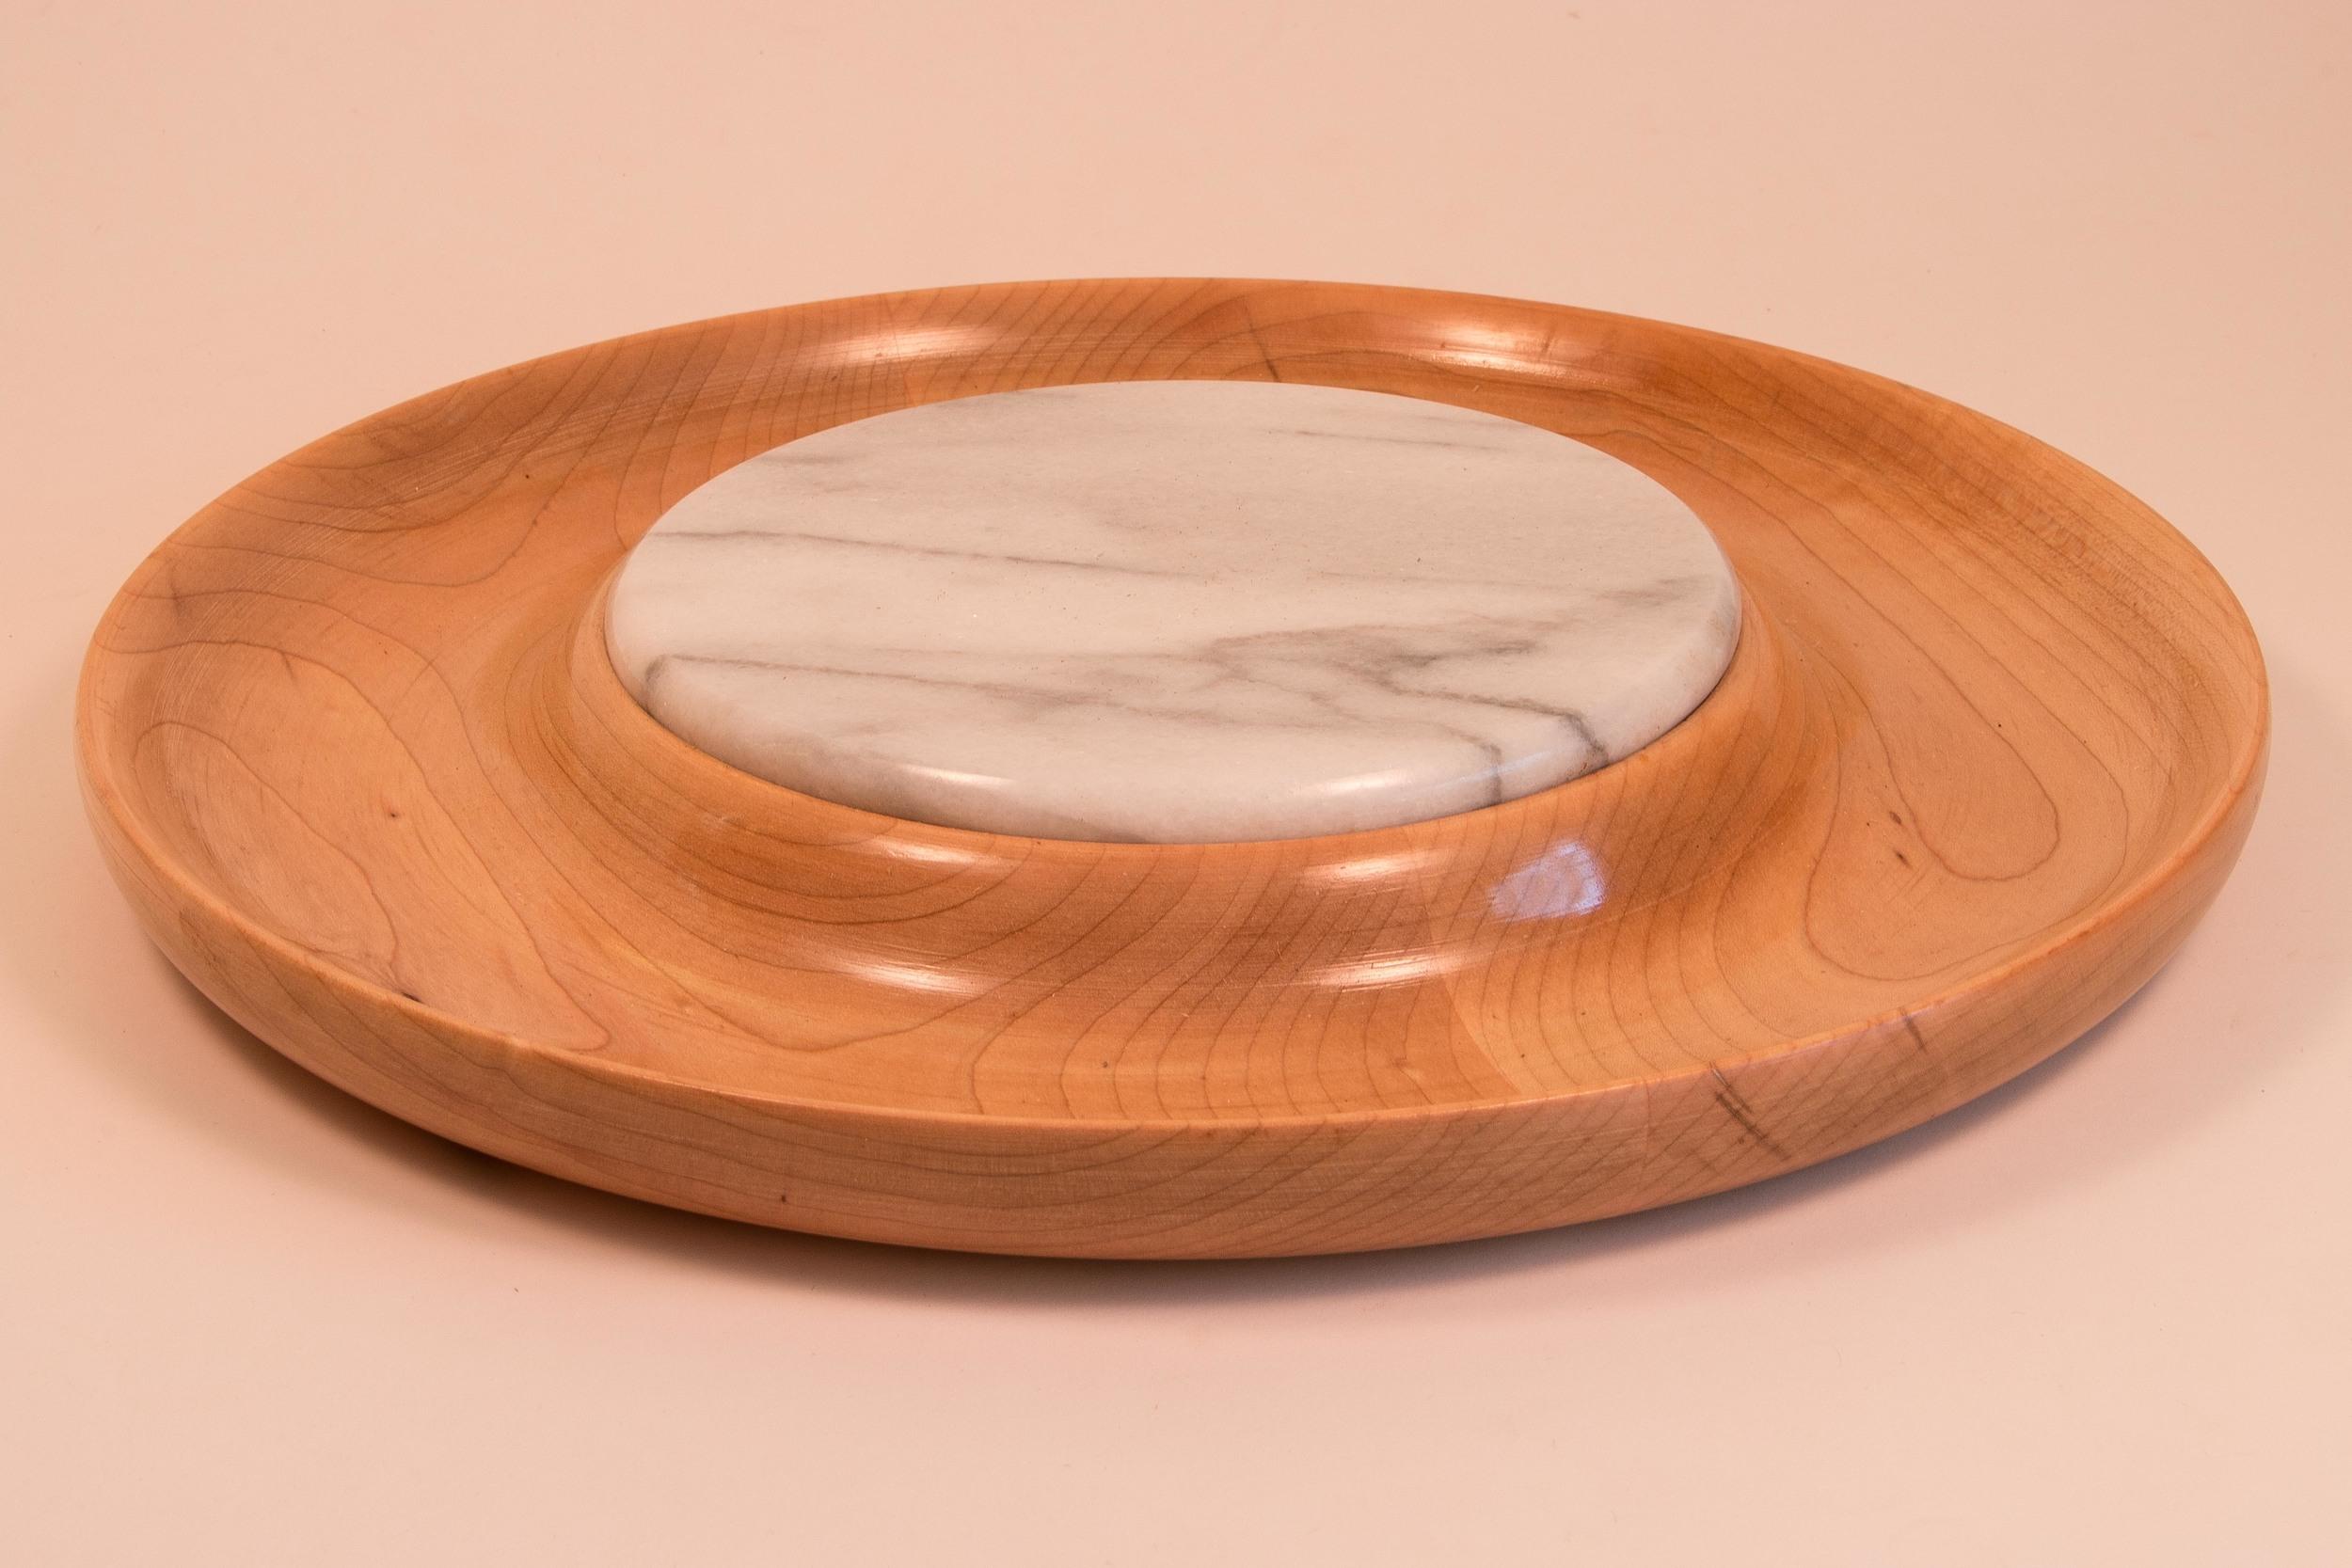 Round Cheese platter